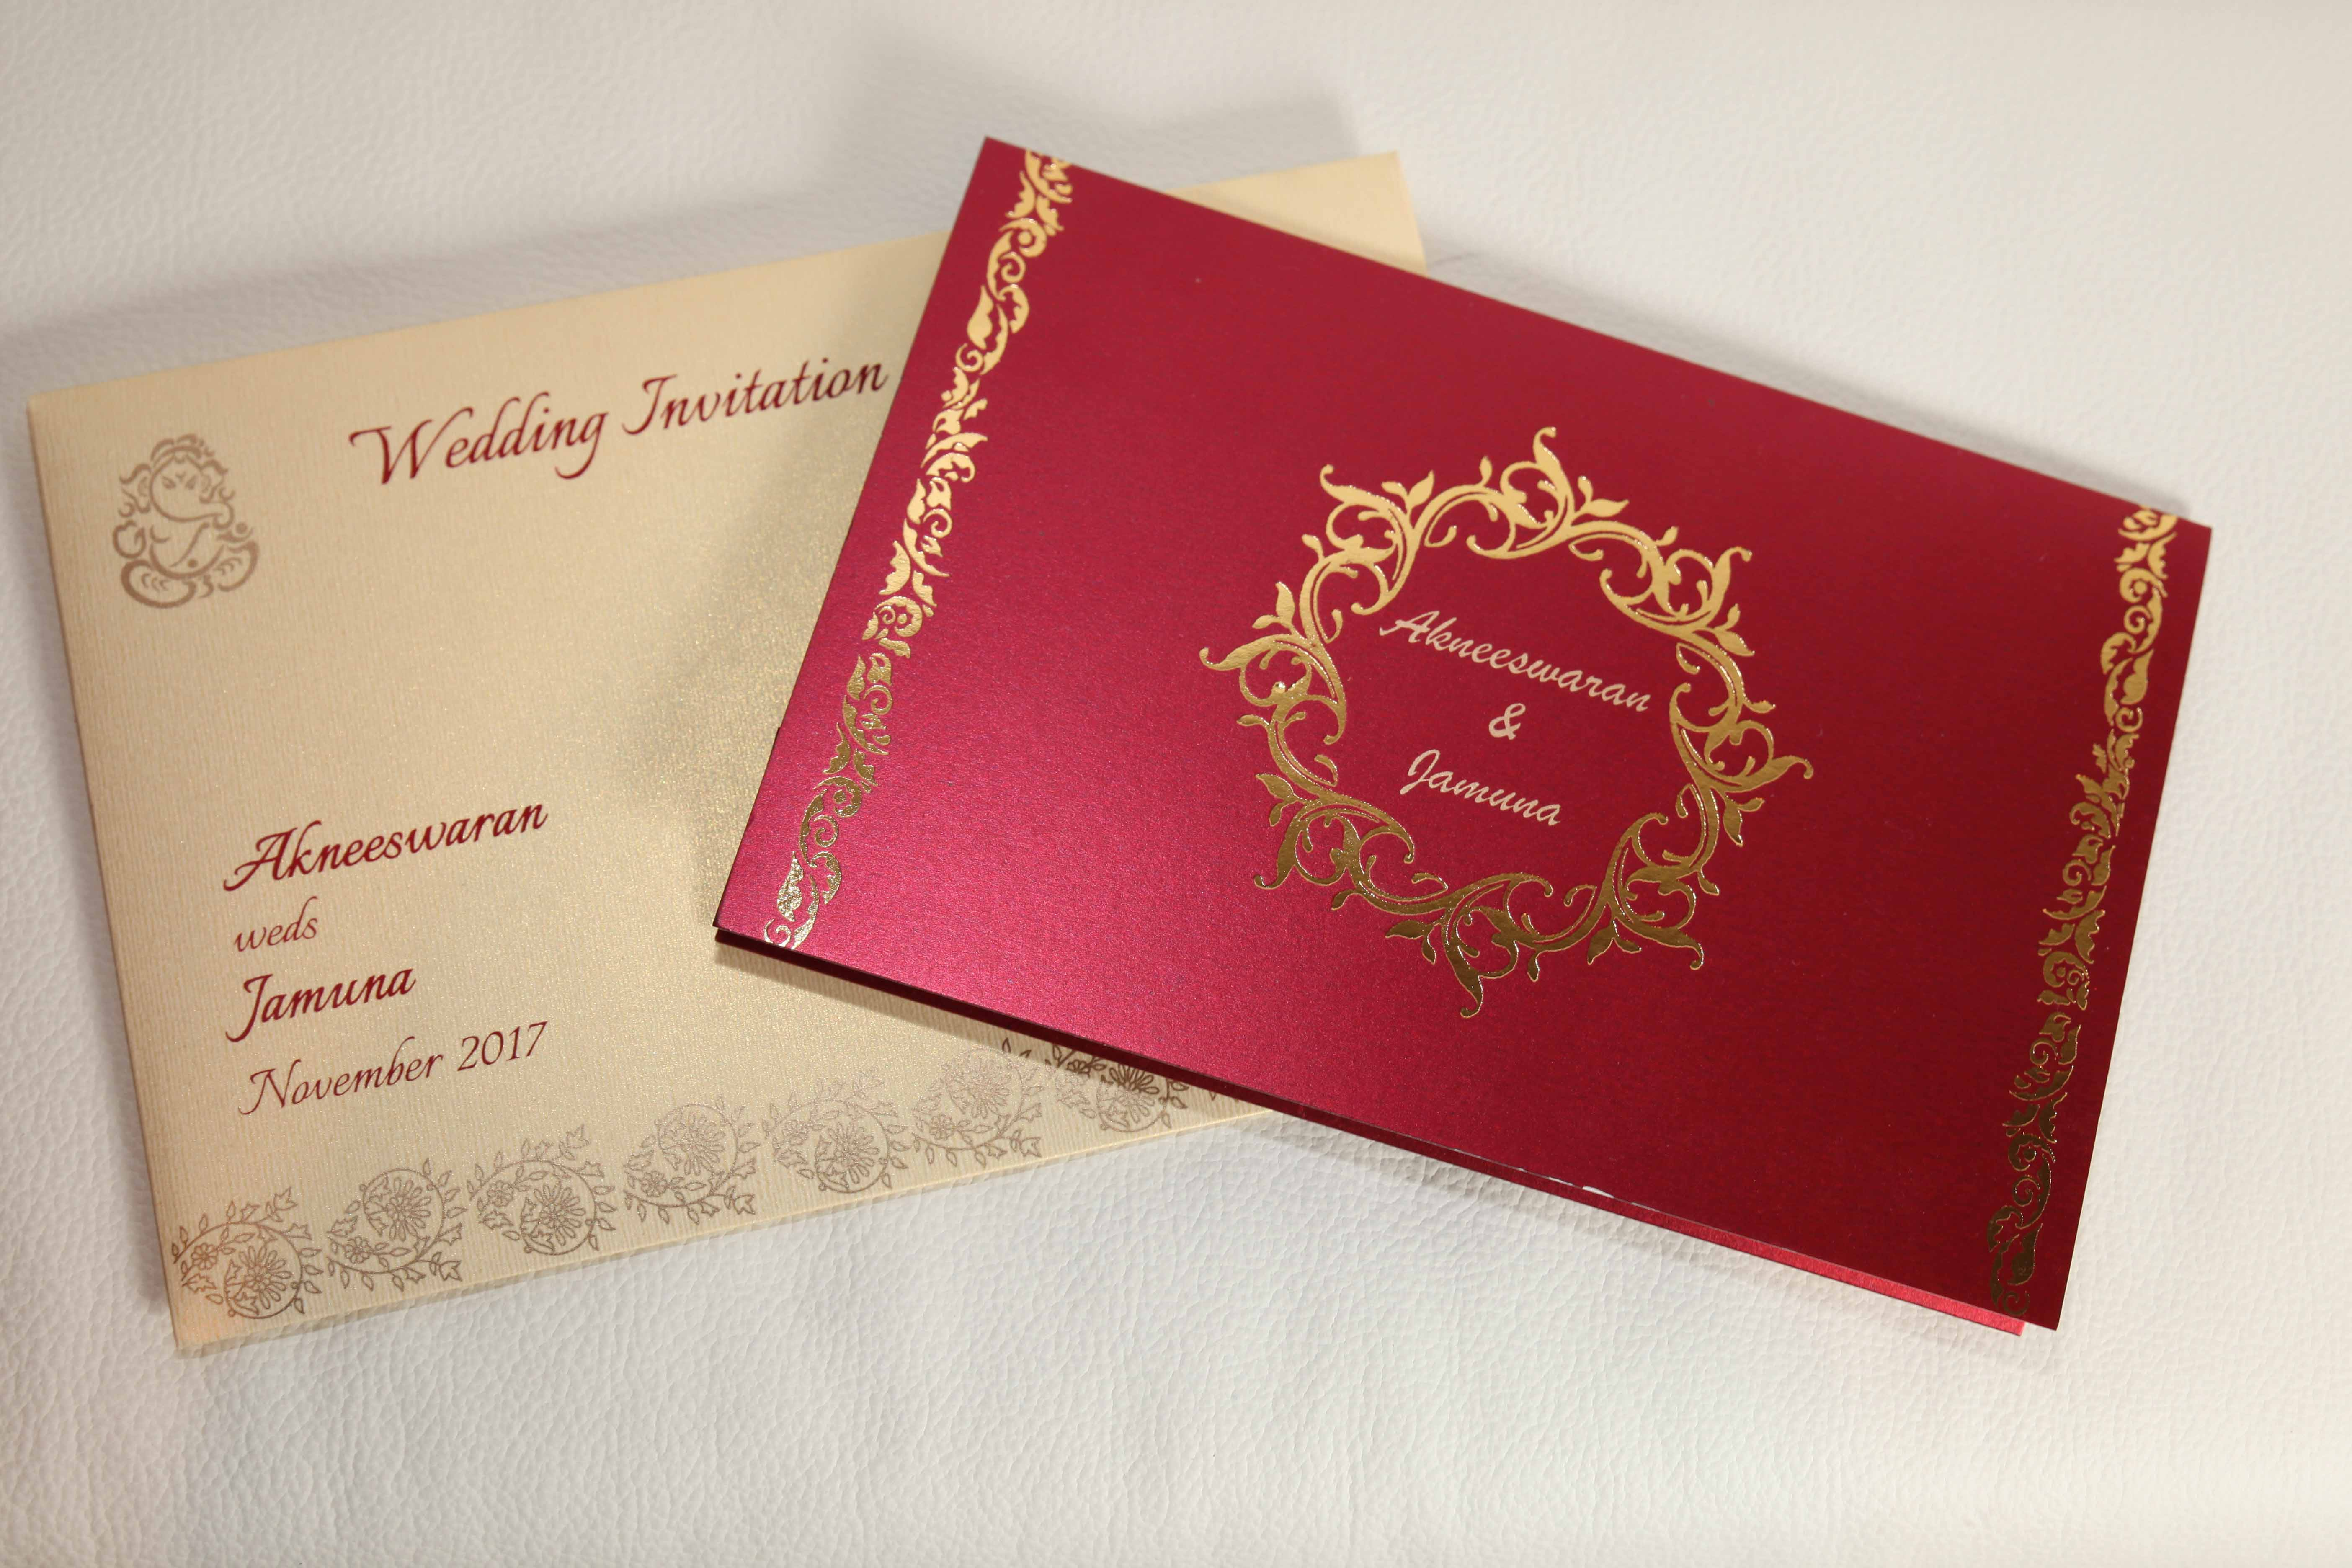 indian wedding card sles uk - 28 images - sikh punjabi wedding ...